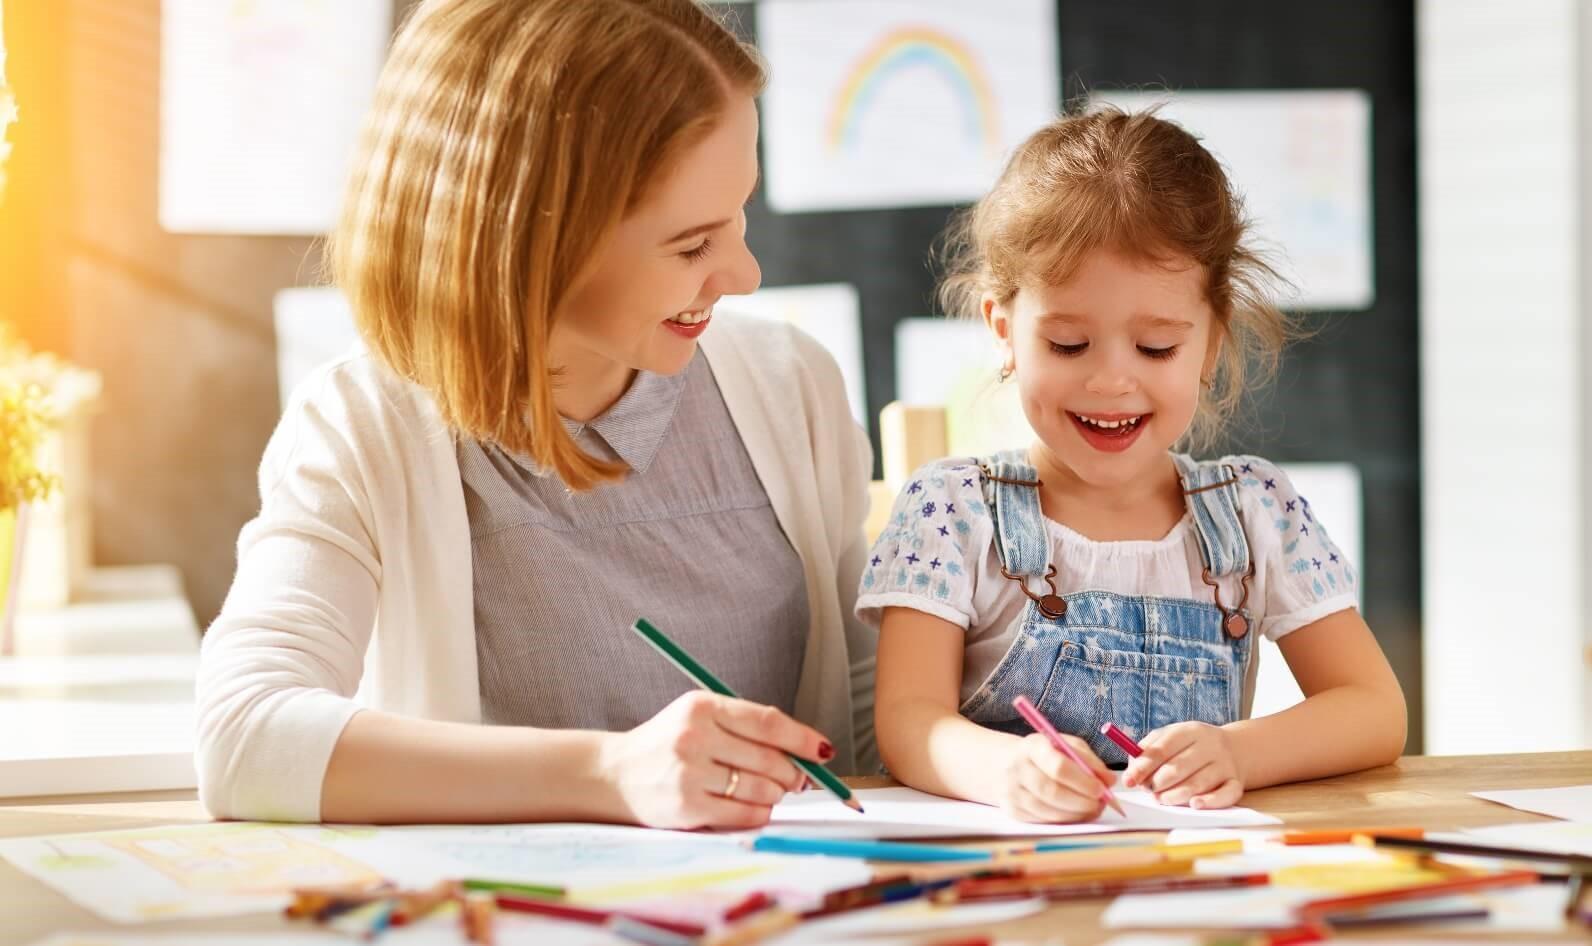 تکنیک های کاربردی برای تقویت حافظه کودکان